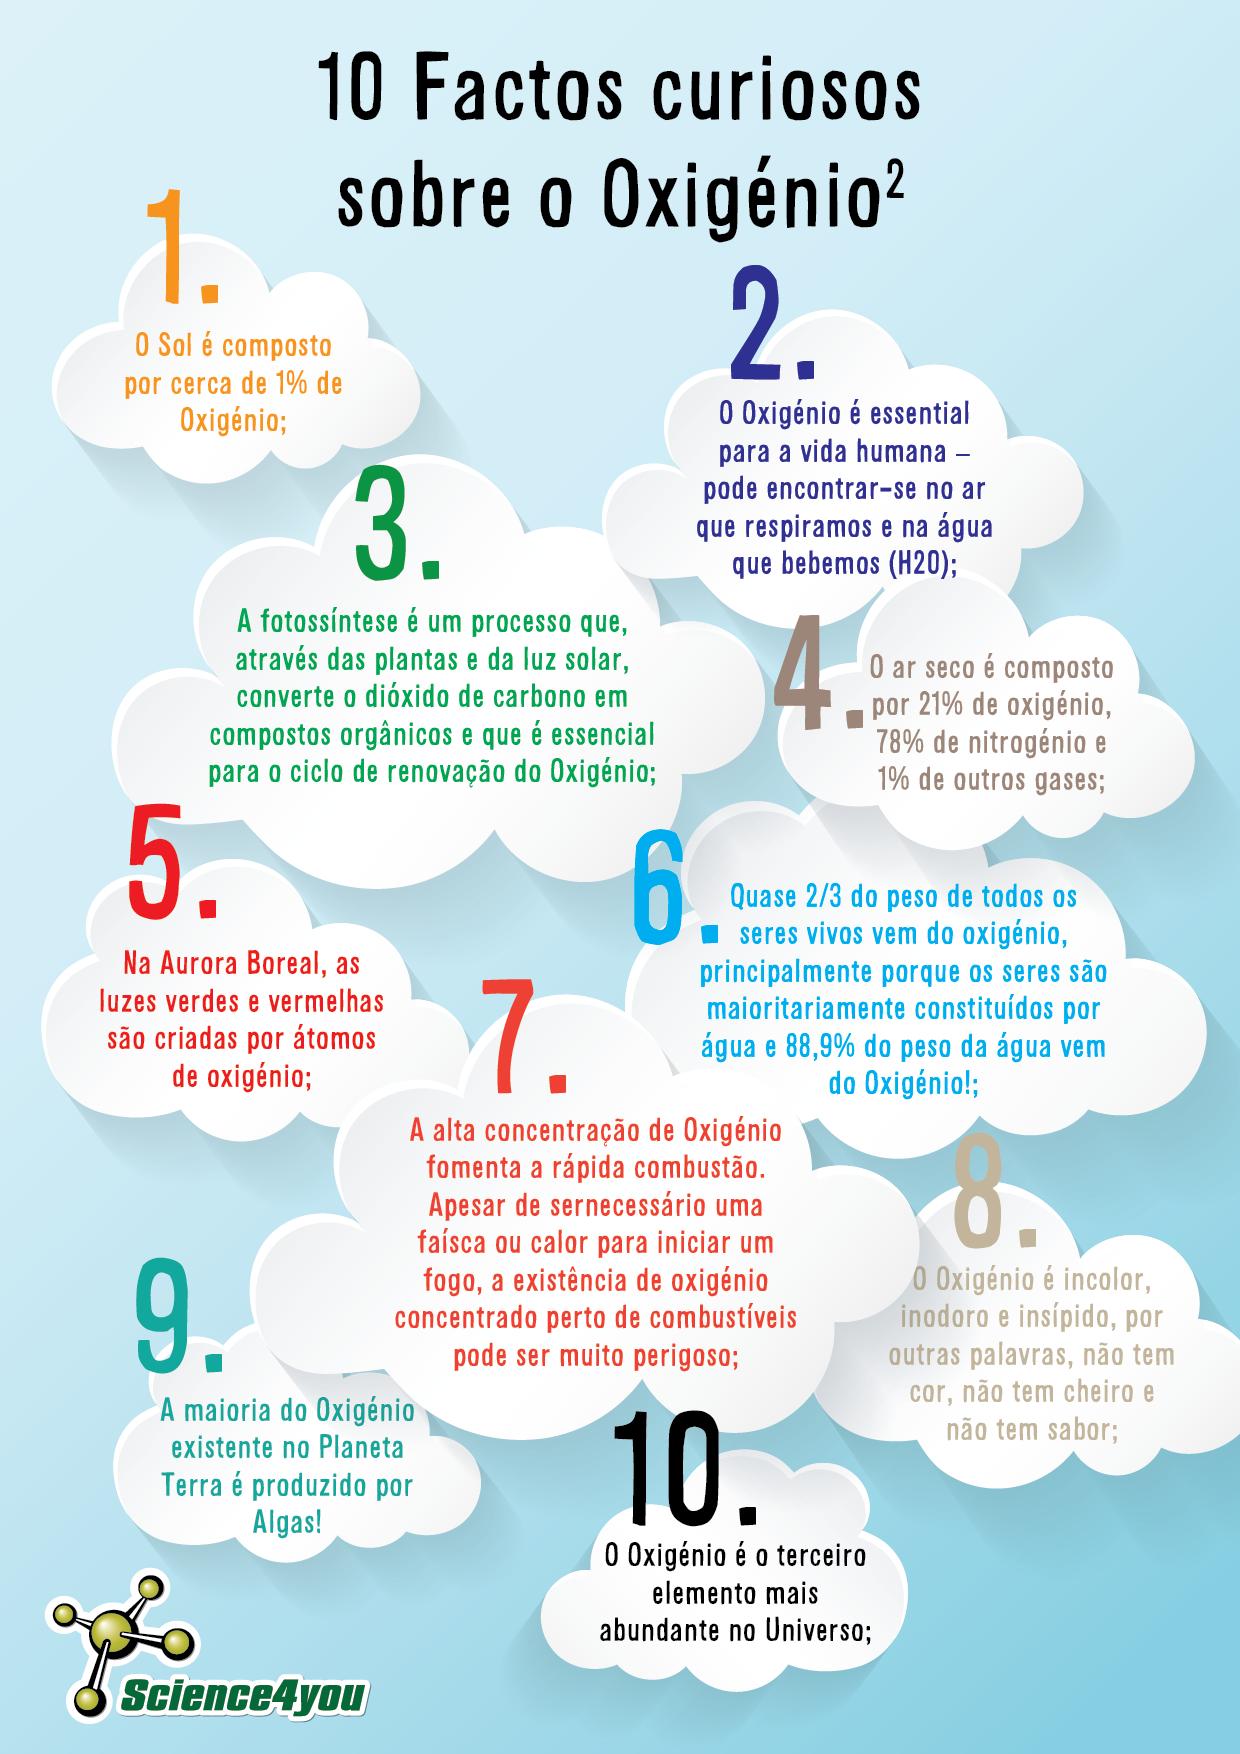 10 Factos Curiosos Sobre o Oxigénio-01